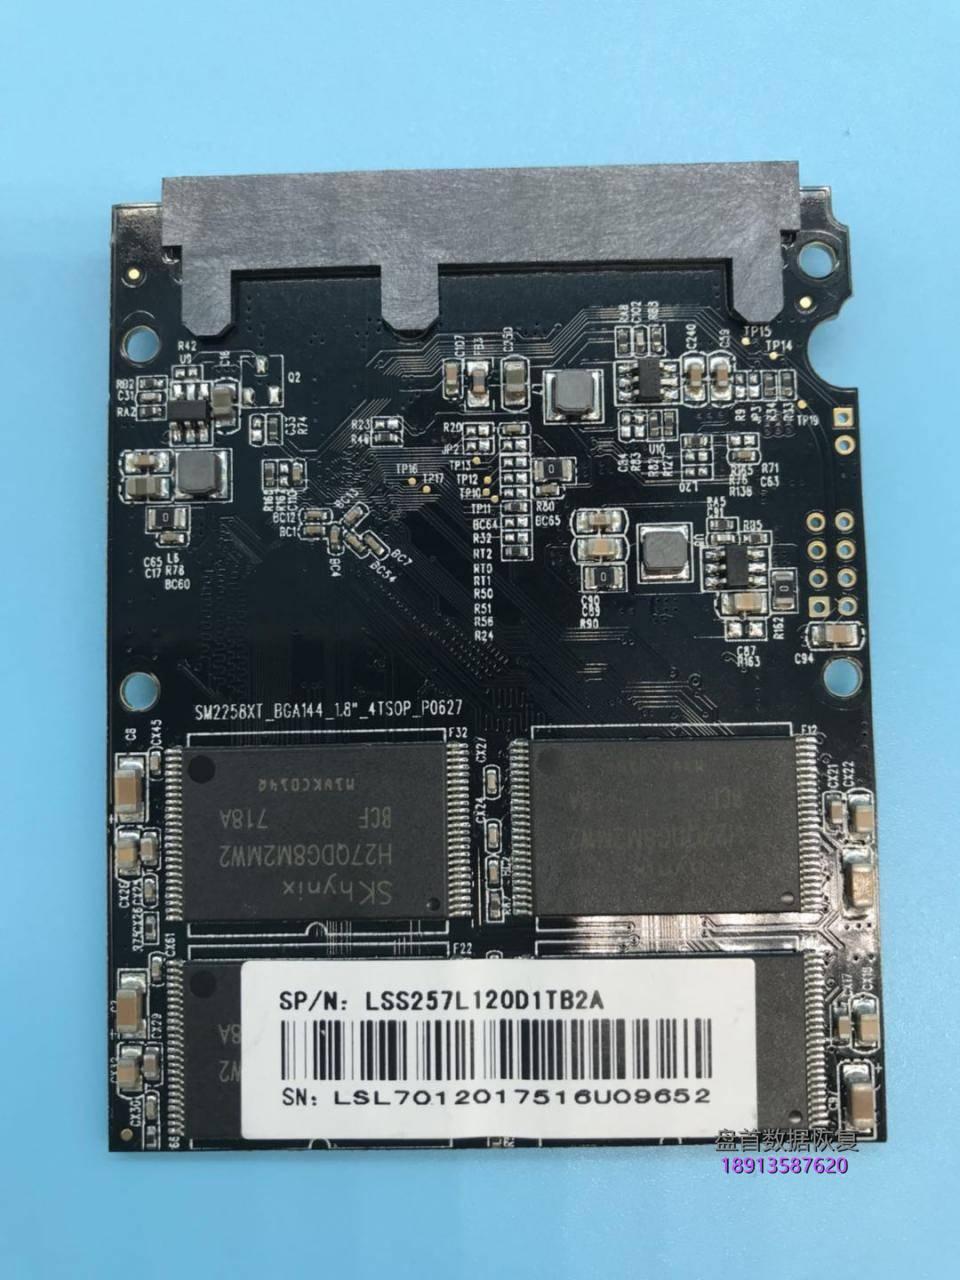 Lenovo联想SL700固态硬盘SM2258XT主控硬盘掉盘BSY长忙无法识别